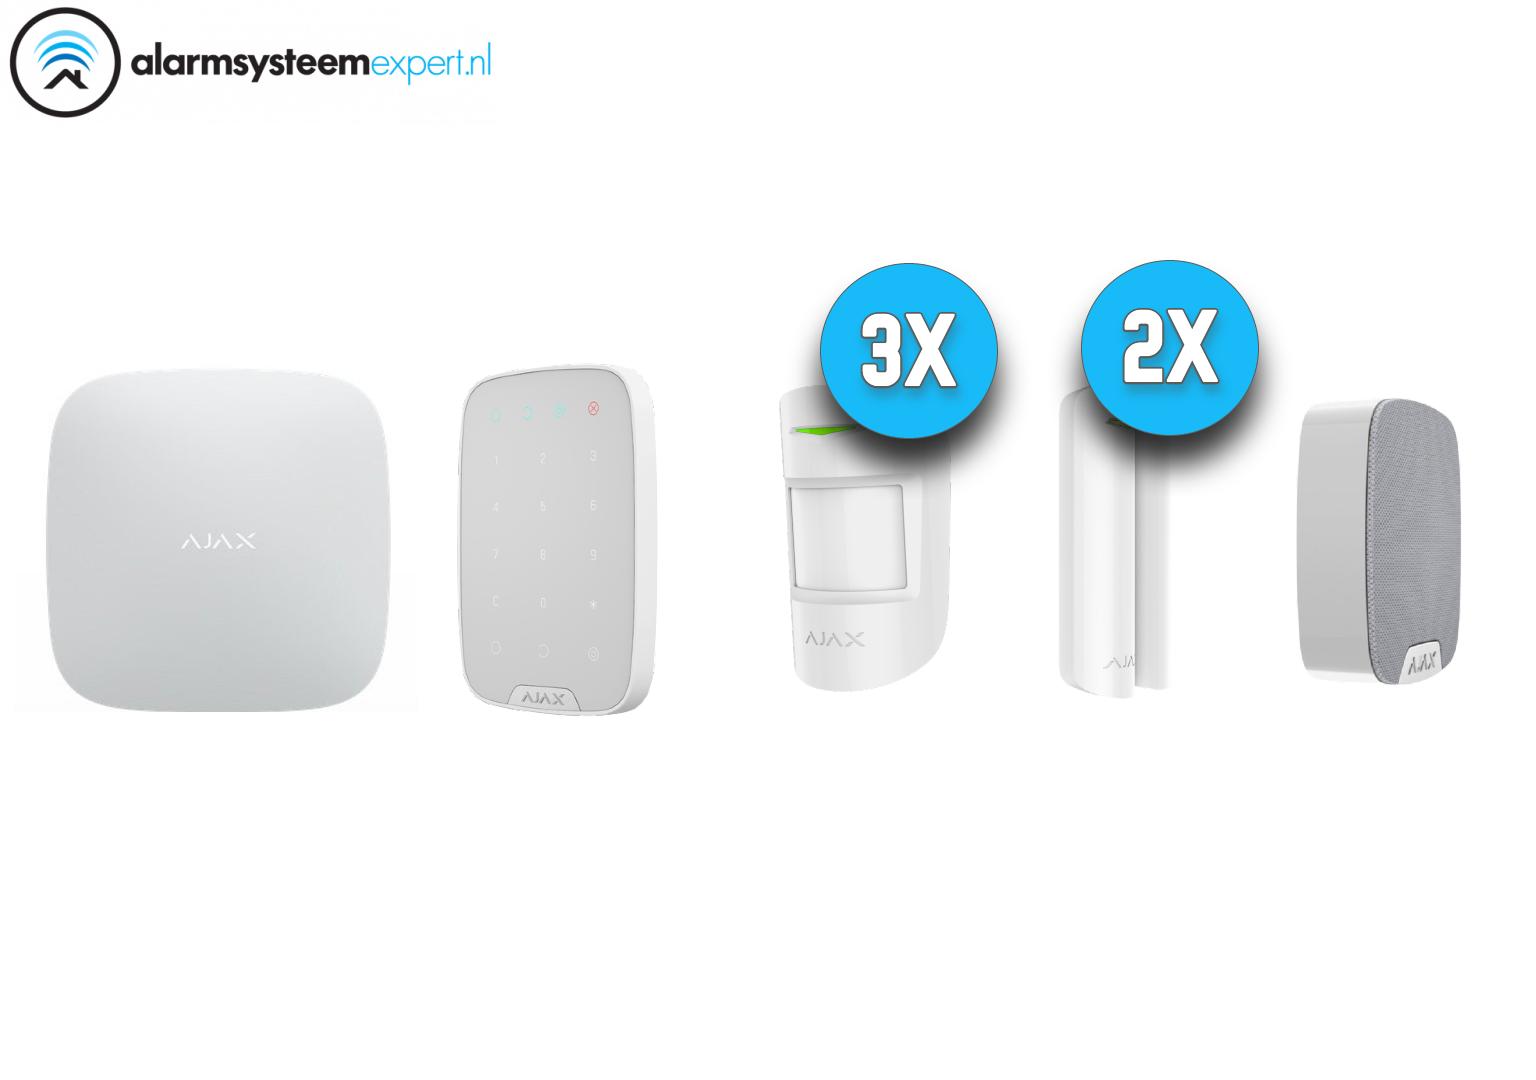 Il kit del sistema di allarme Ajax può essere utilizzato come base per il sistema di sicurezza Ajax wireless.